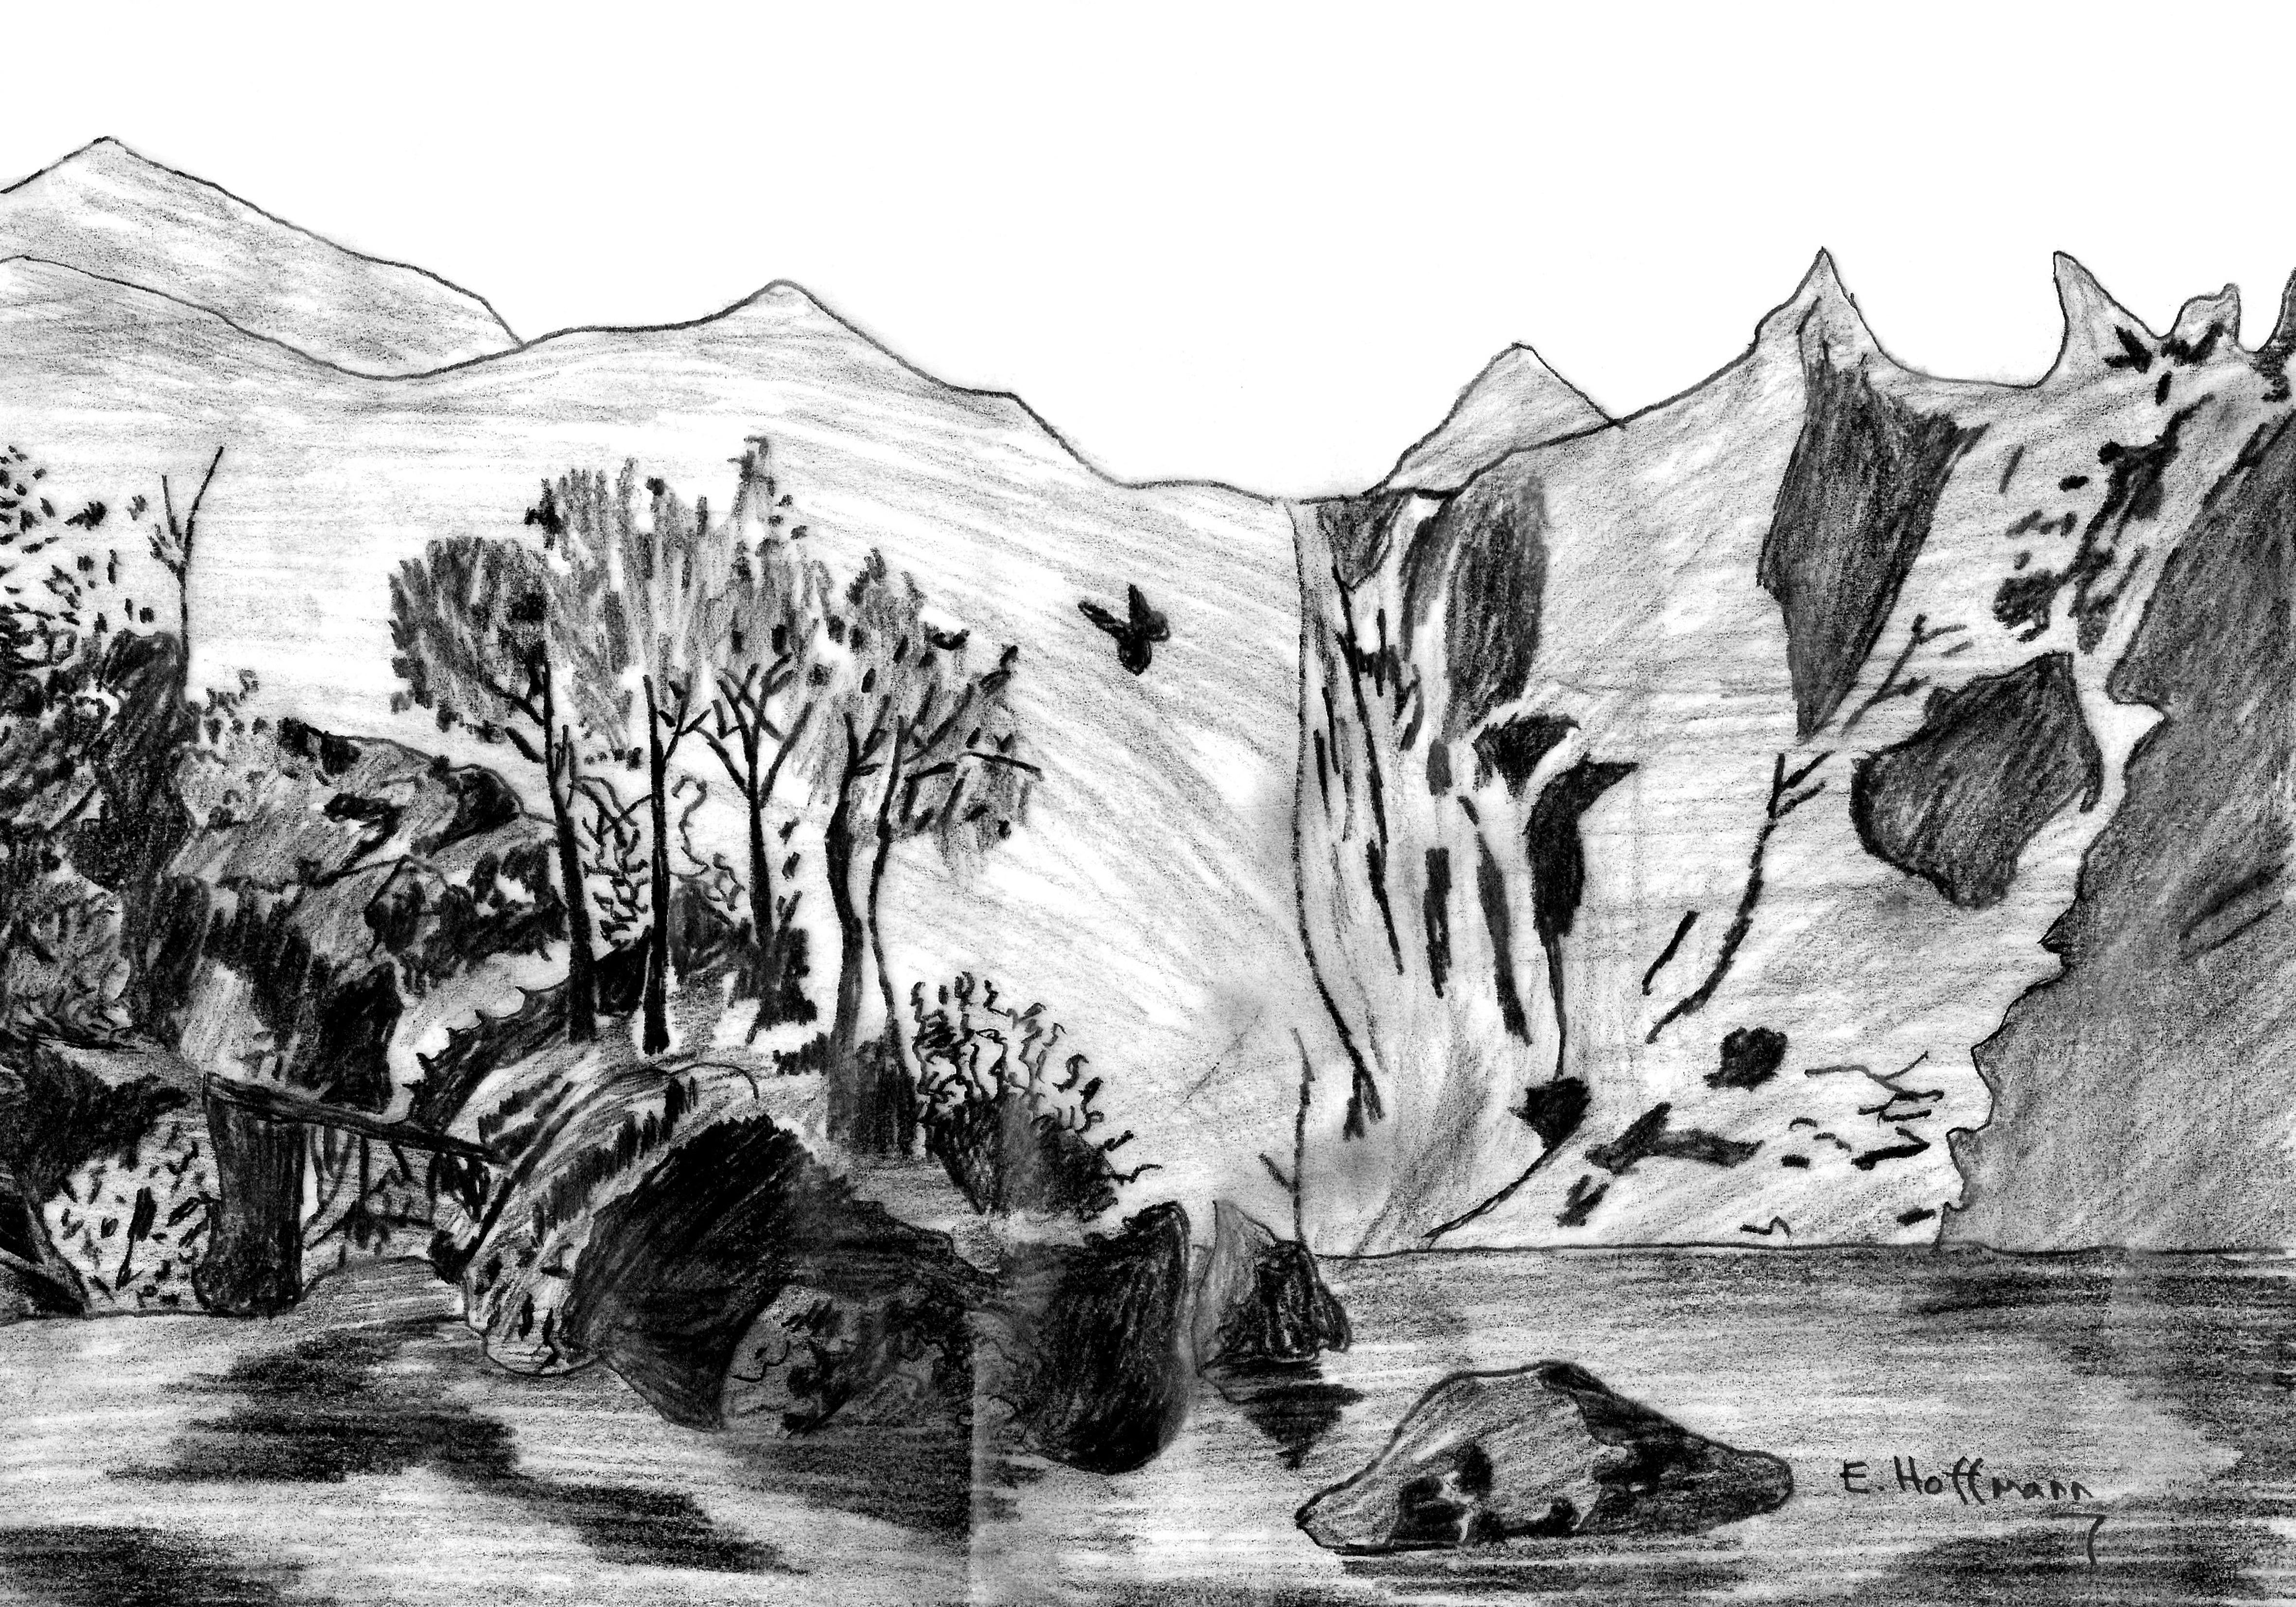 1. Nierstein - Eylül39